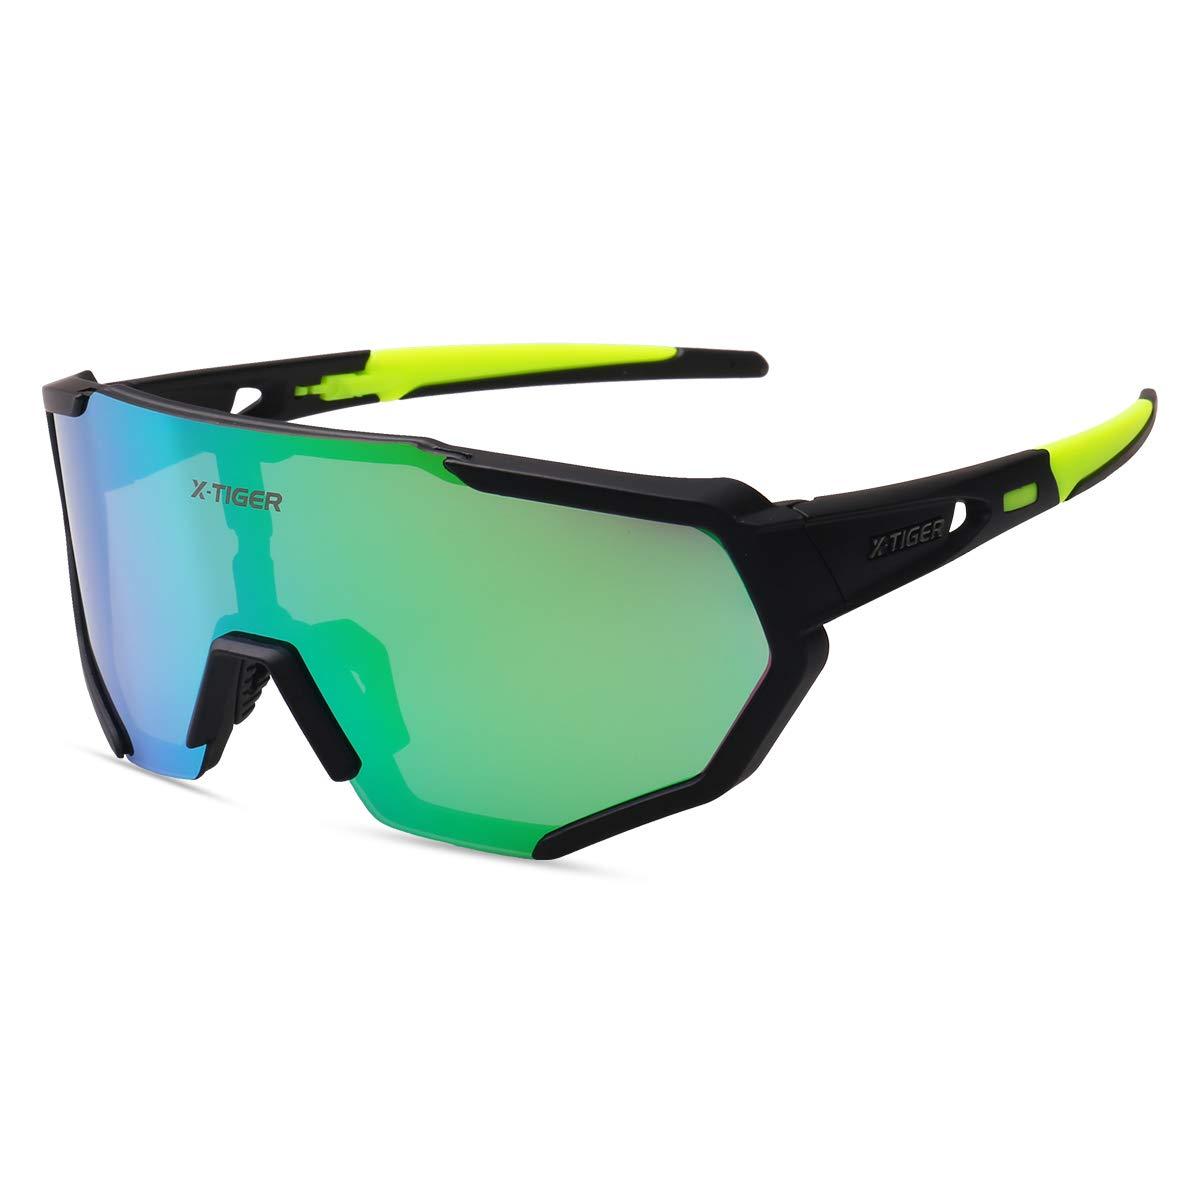 X-TIGER Gafas Ciclismo polarizadas con 3 Lentes Intercambiables UV 400 Gafas Deportivas, Corriendo,Moto MTB Bicicleta Montaña,Camping y Actividades al ...